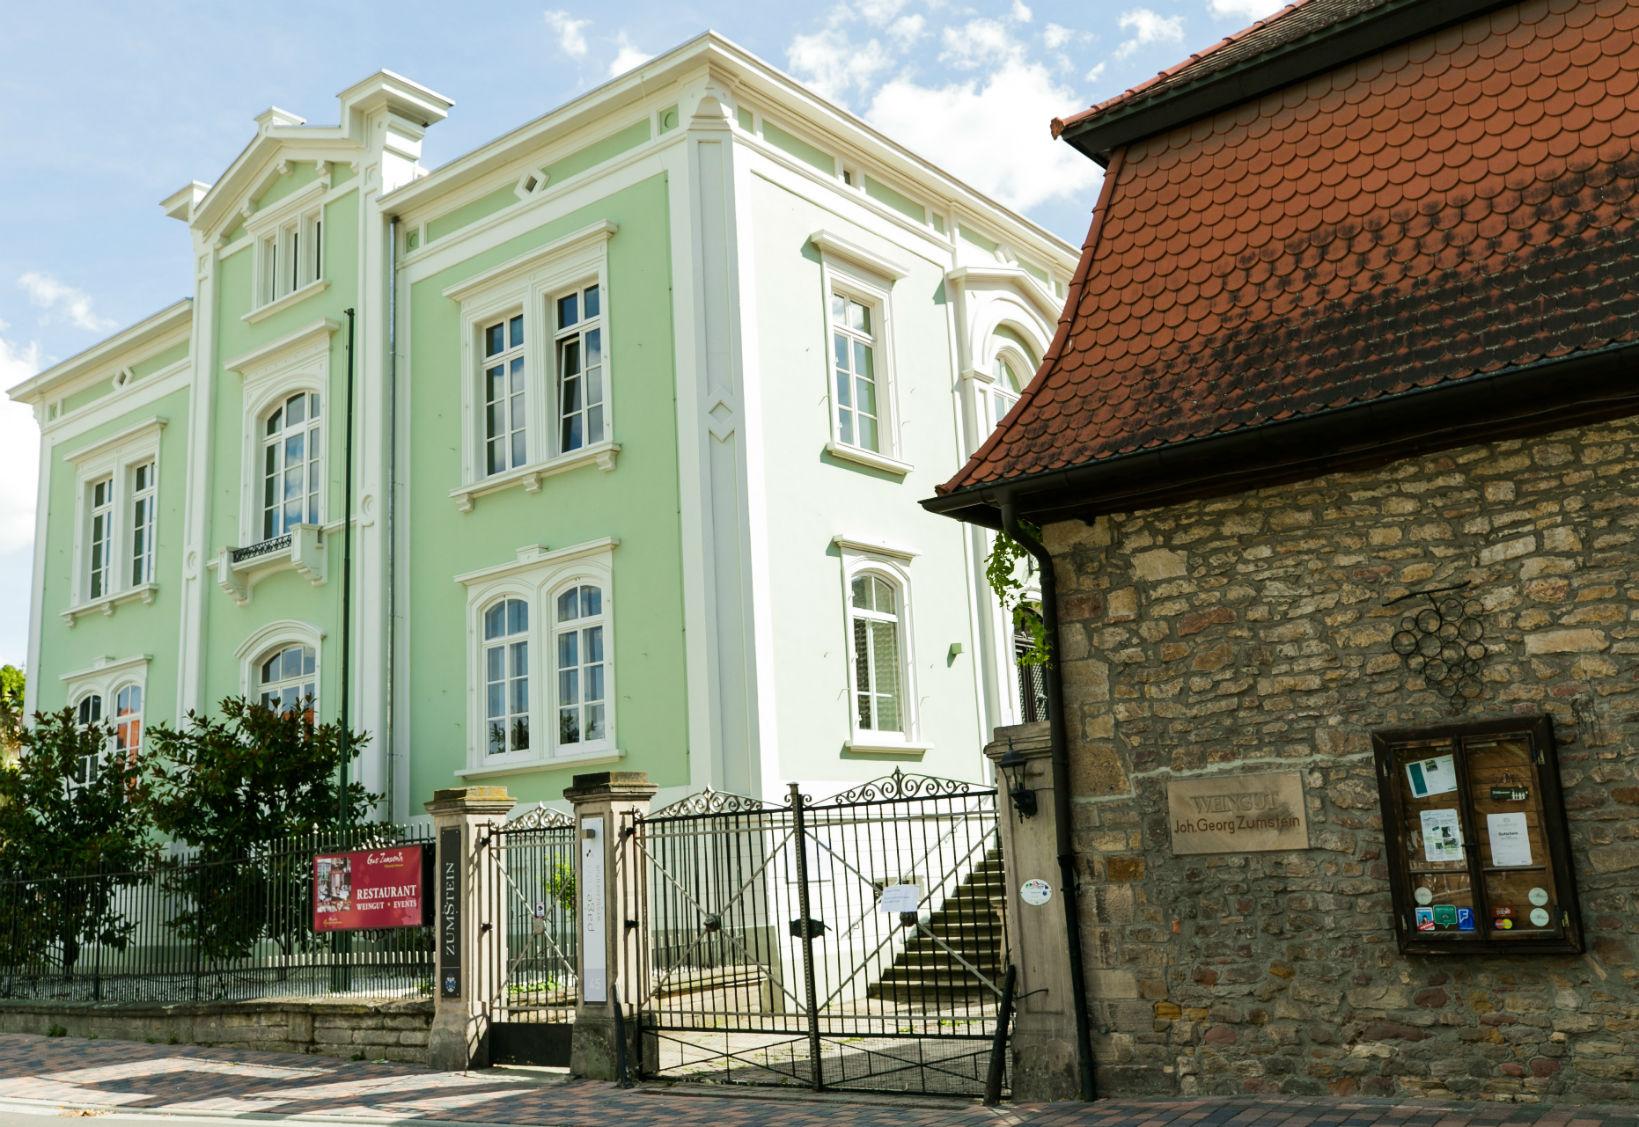 Hochzeitslocation Weingut Zumstein Bad Dürkheim Pfalz